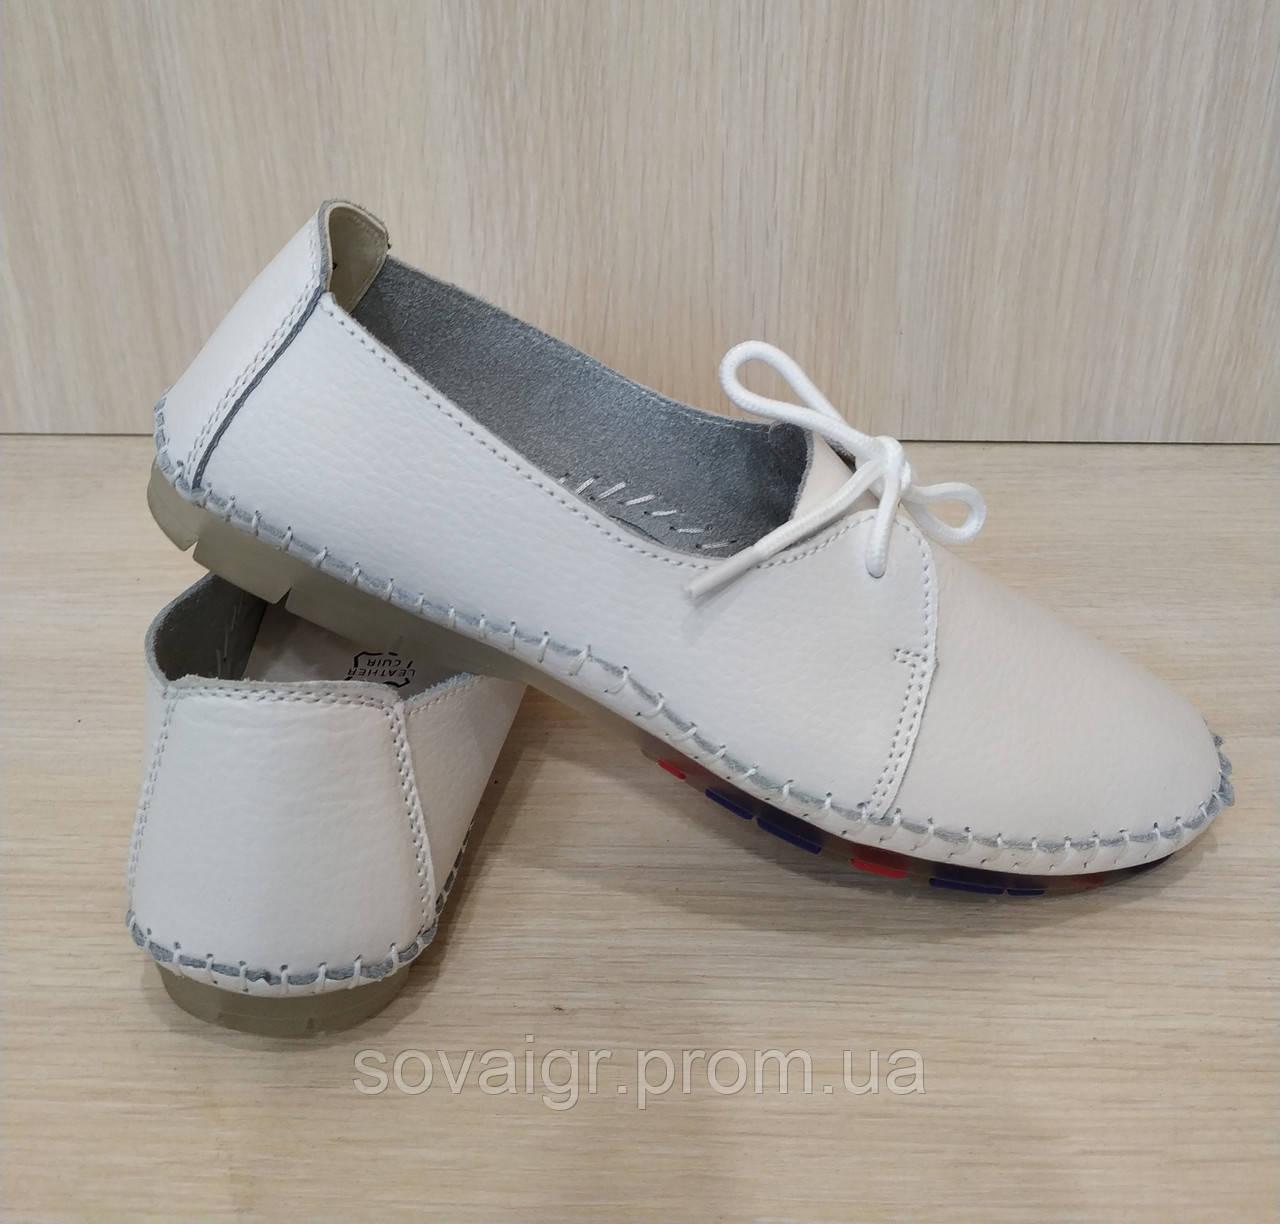 Подростковые кожаные белые туфли для девочки BADEN